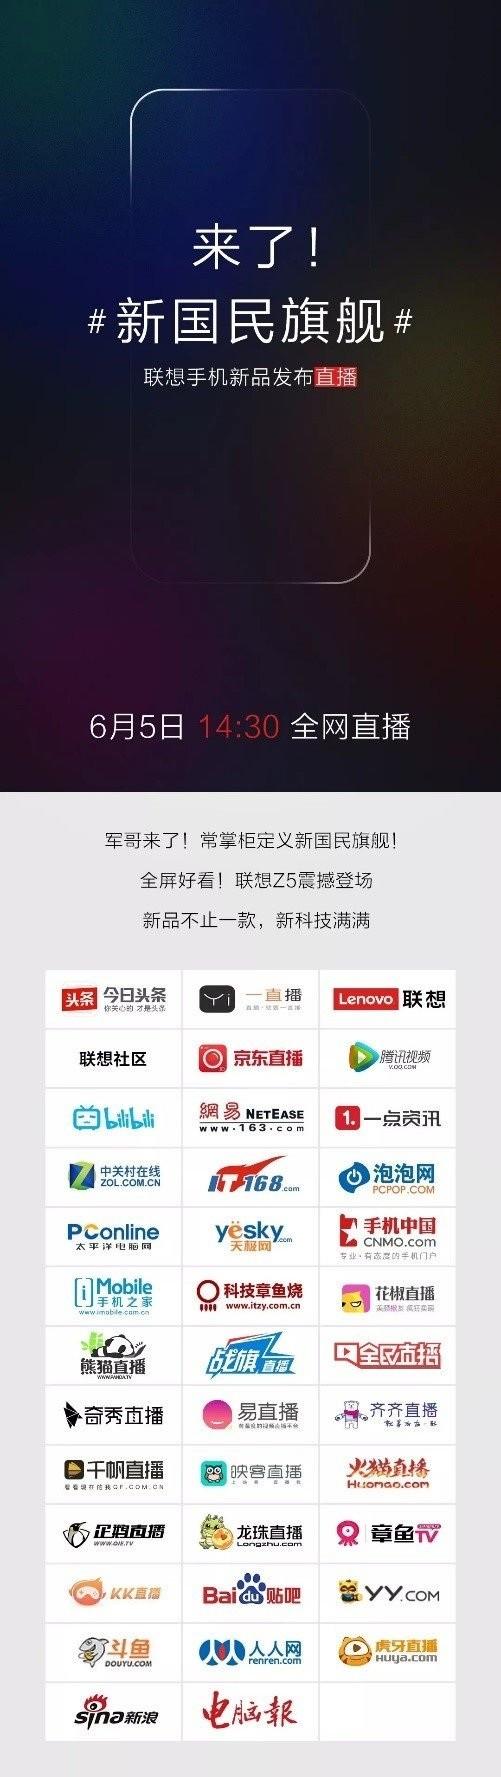 联想Z5新国民旗舰6月5日正式发布 38家平台全网直播